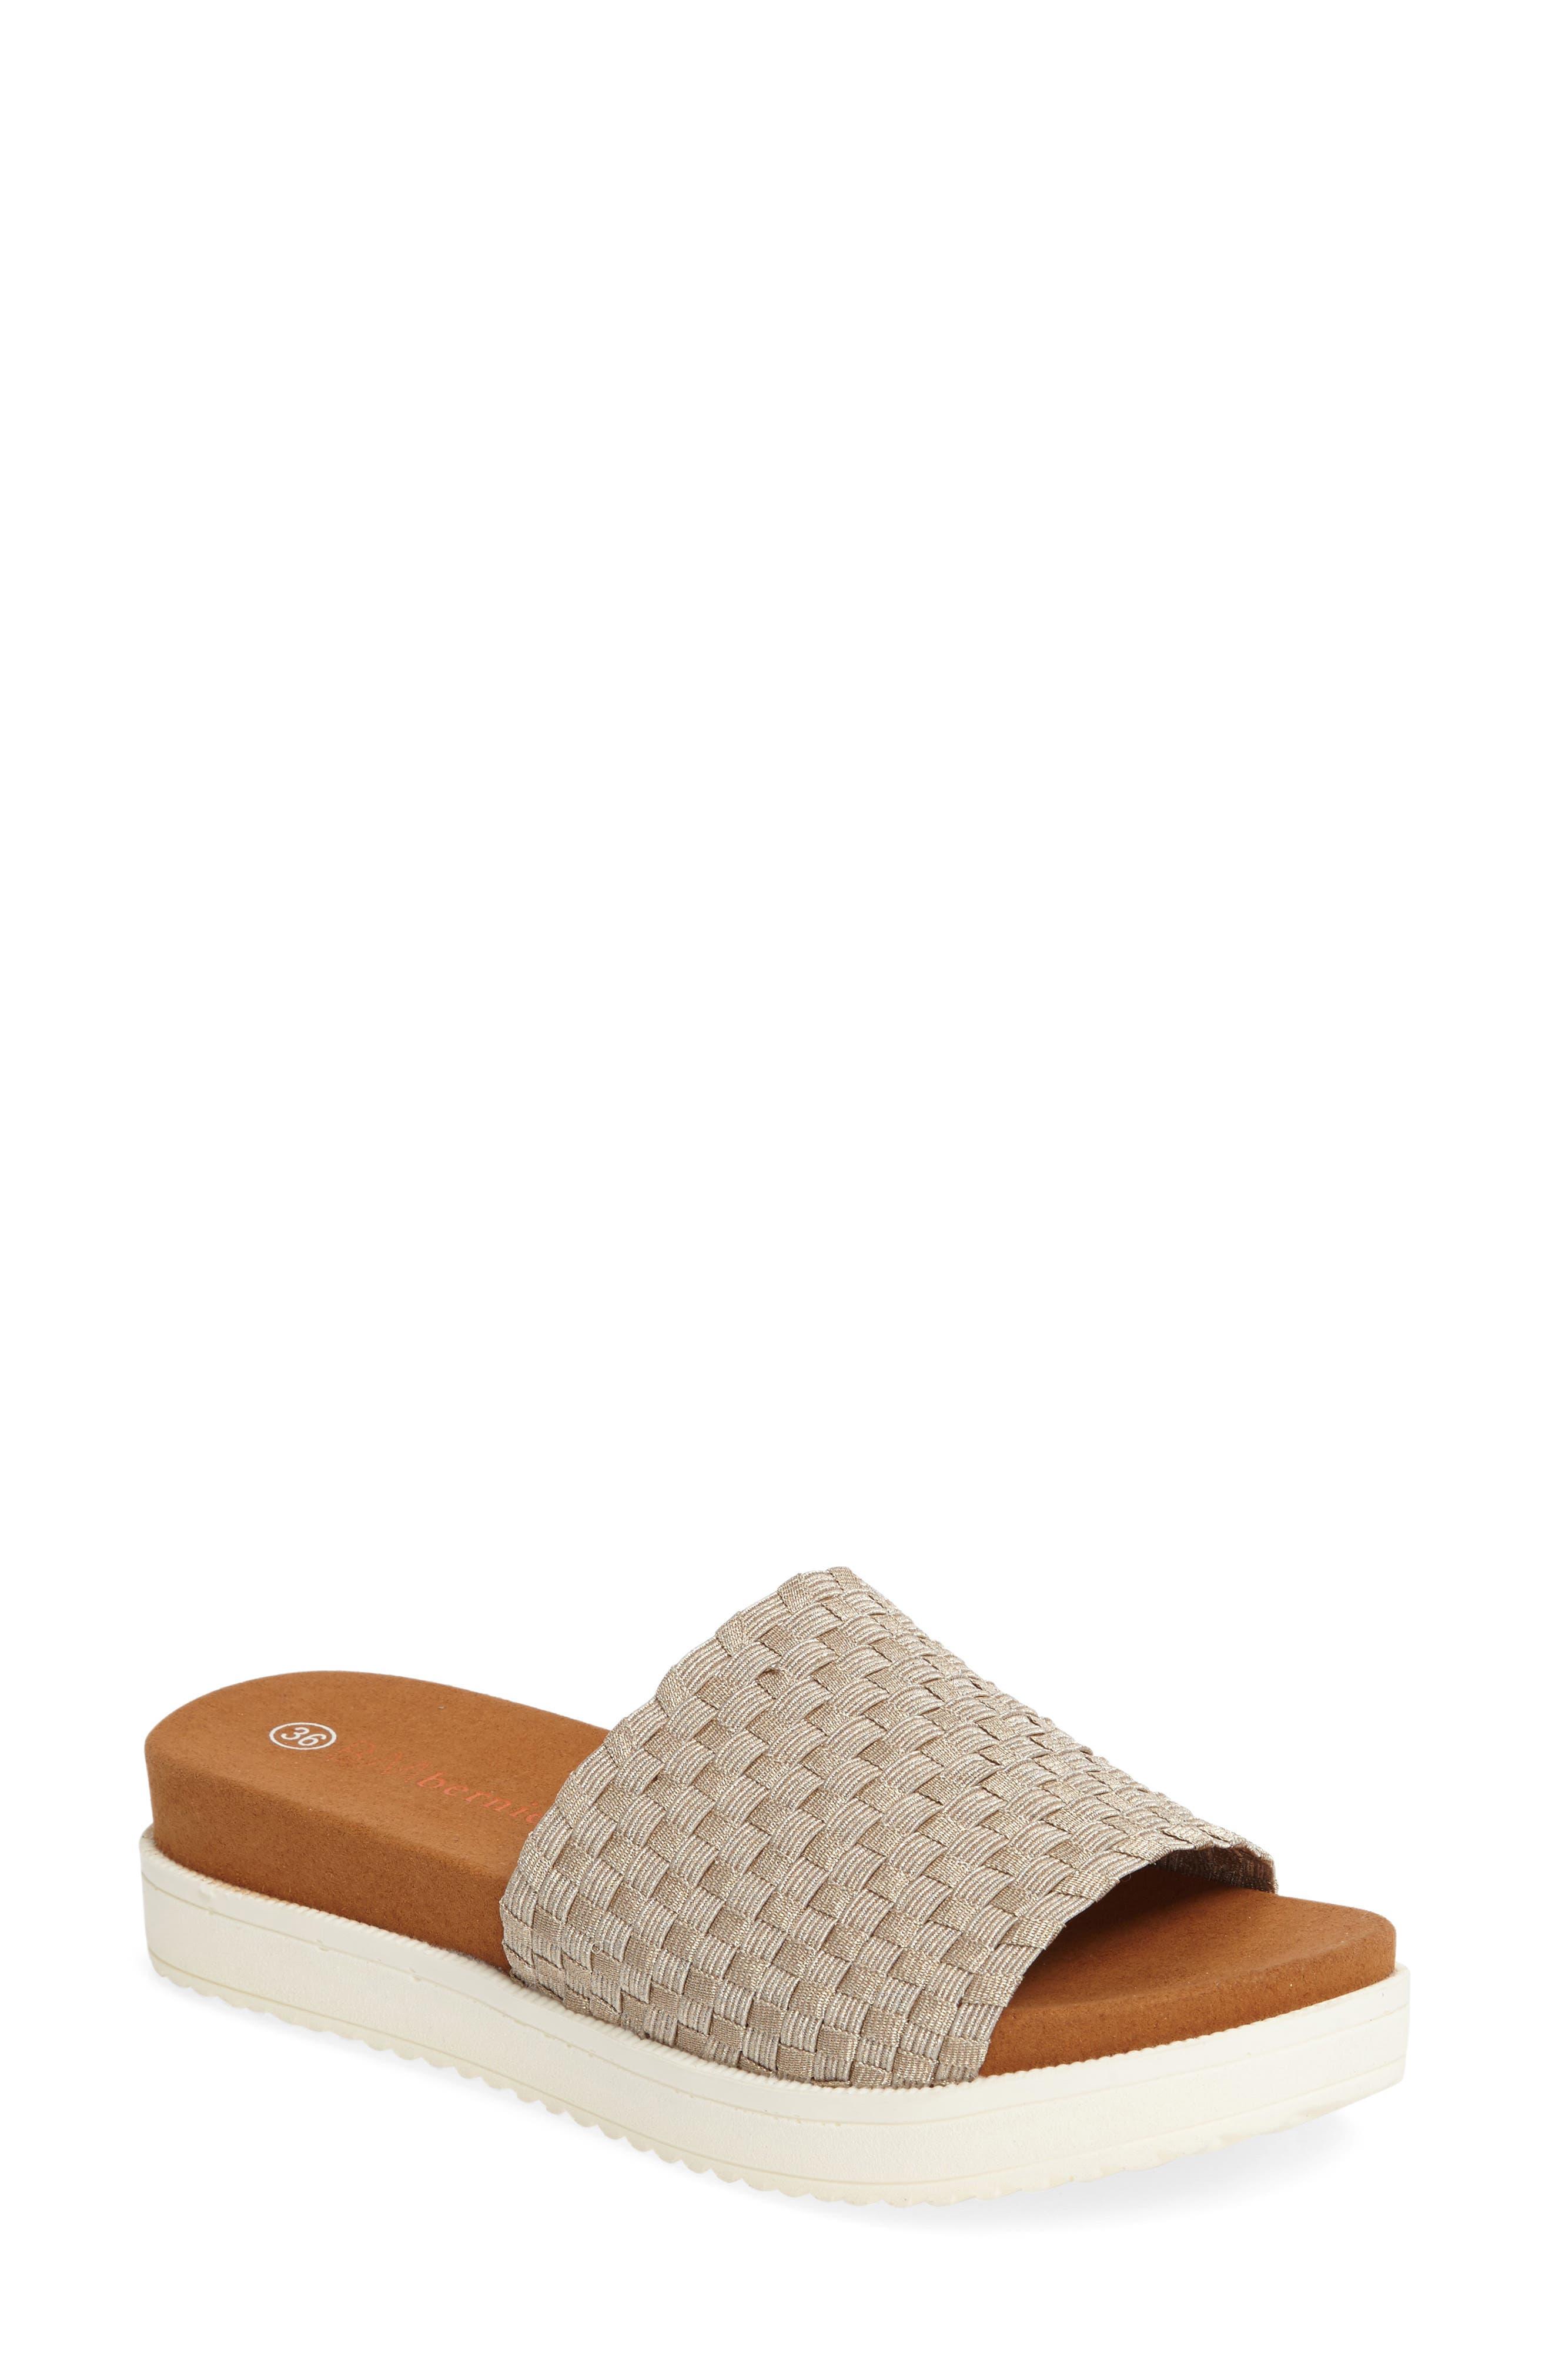 BERNIE MEV. Capri Slide Sandal